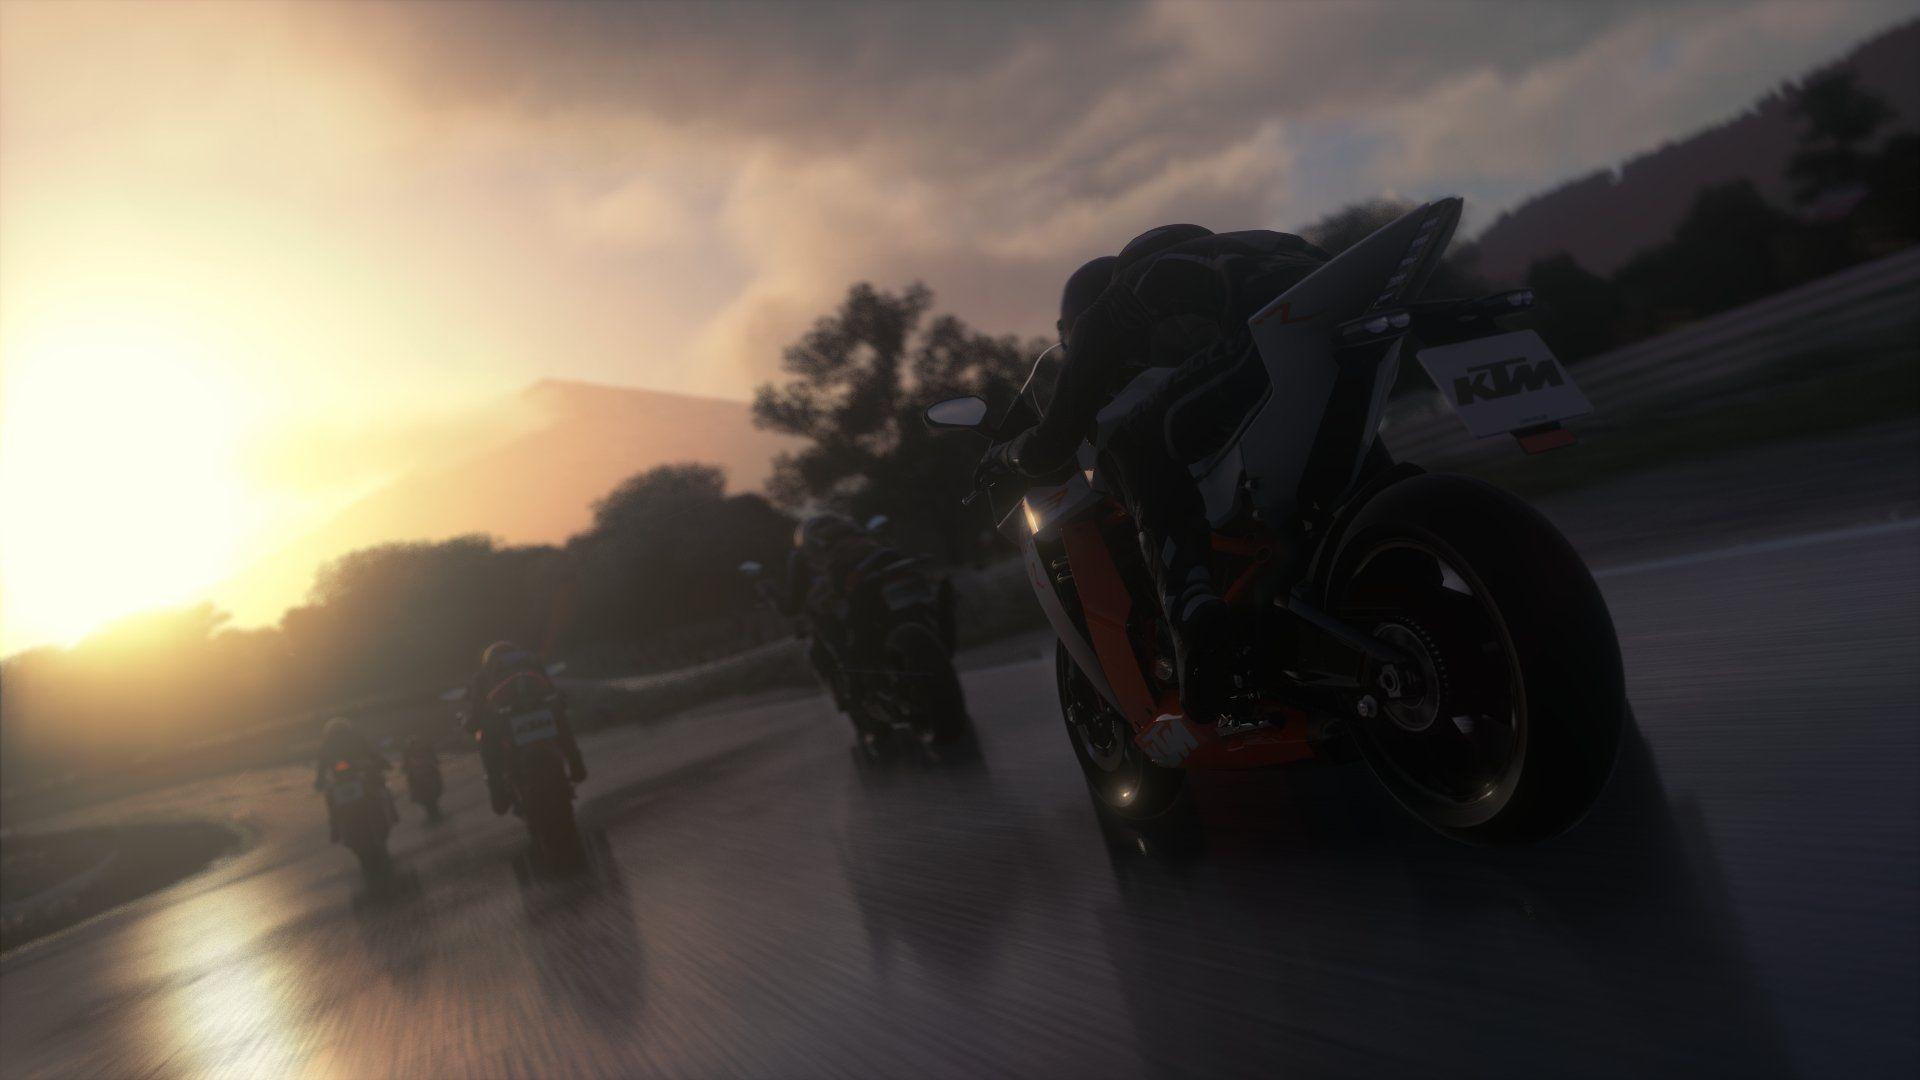 #DriveclubBikes #PlayStation4 #Motos #MotoGP Para más información sobre #Videojuegos, Suscríbete a nuestra página web: http://legiondejugadores.com/ y síguenos en Twitter https://twitter.com/LegionJugadores